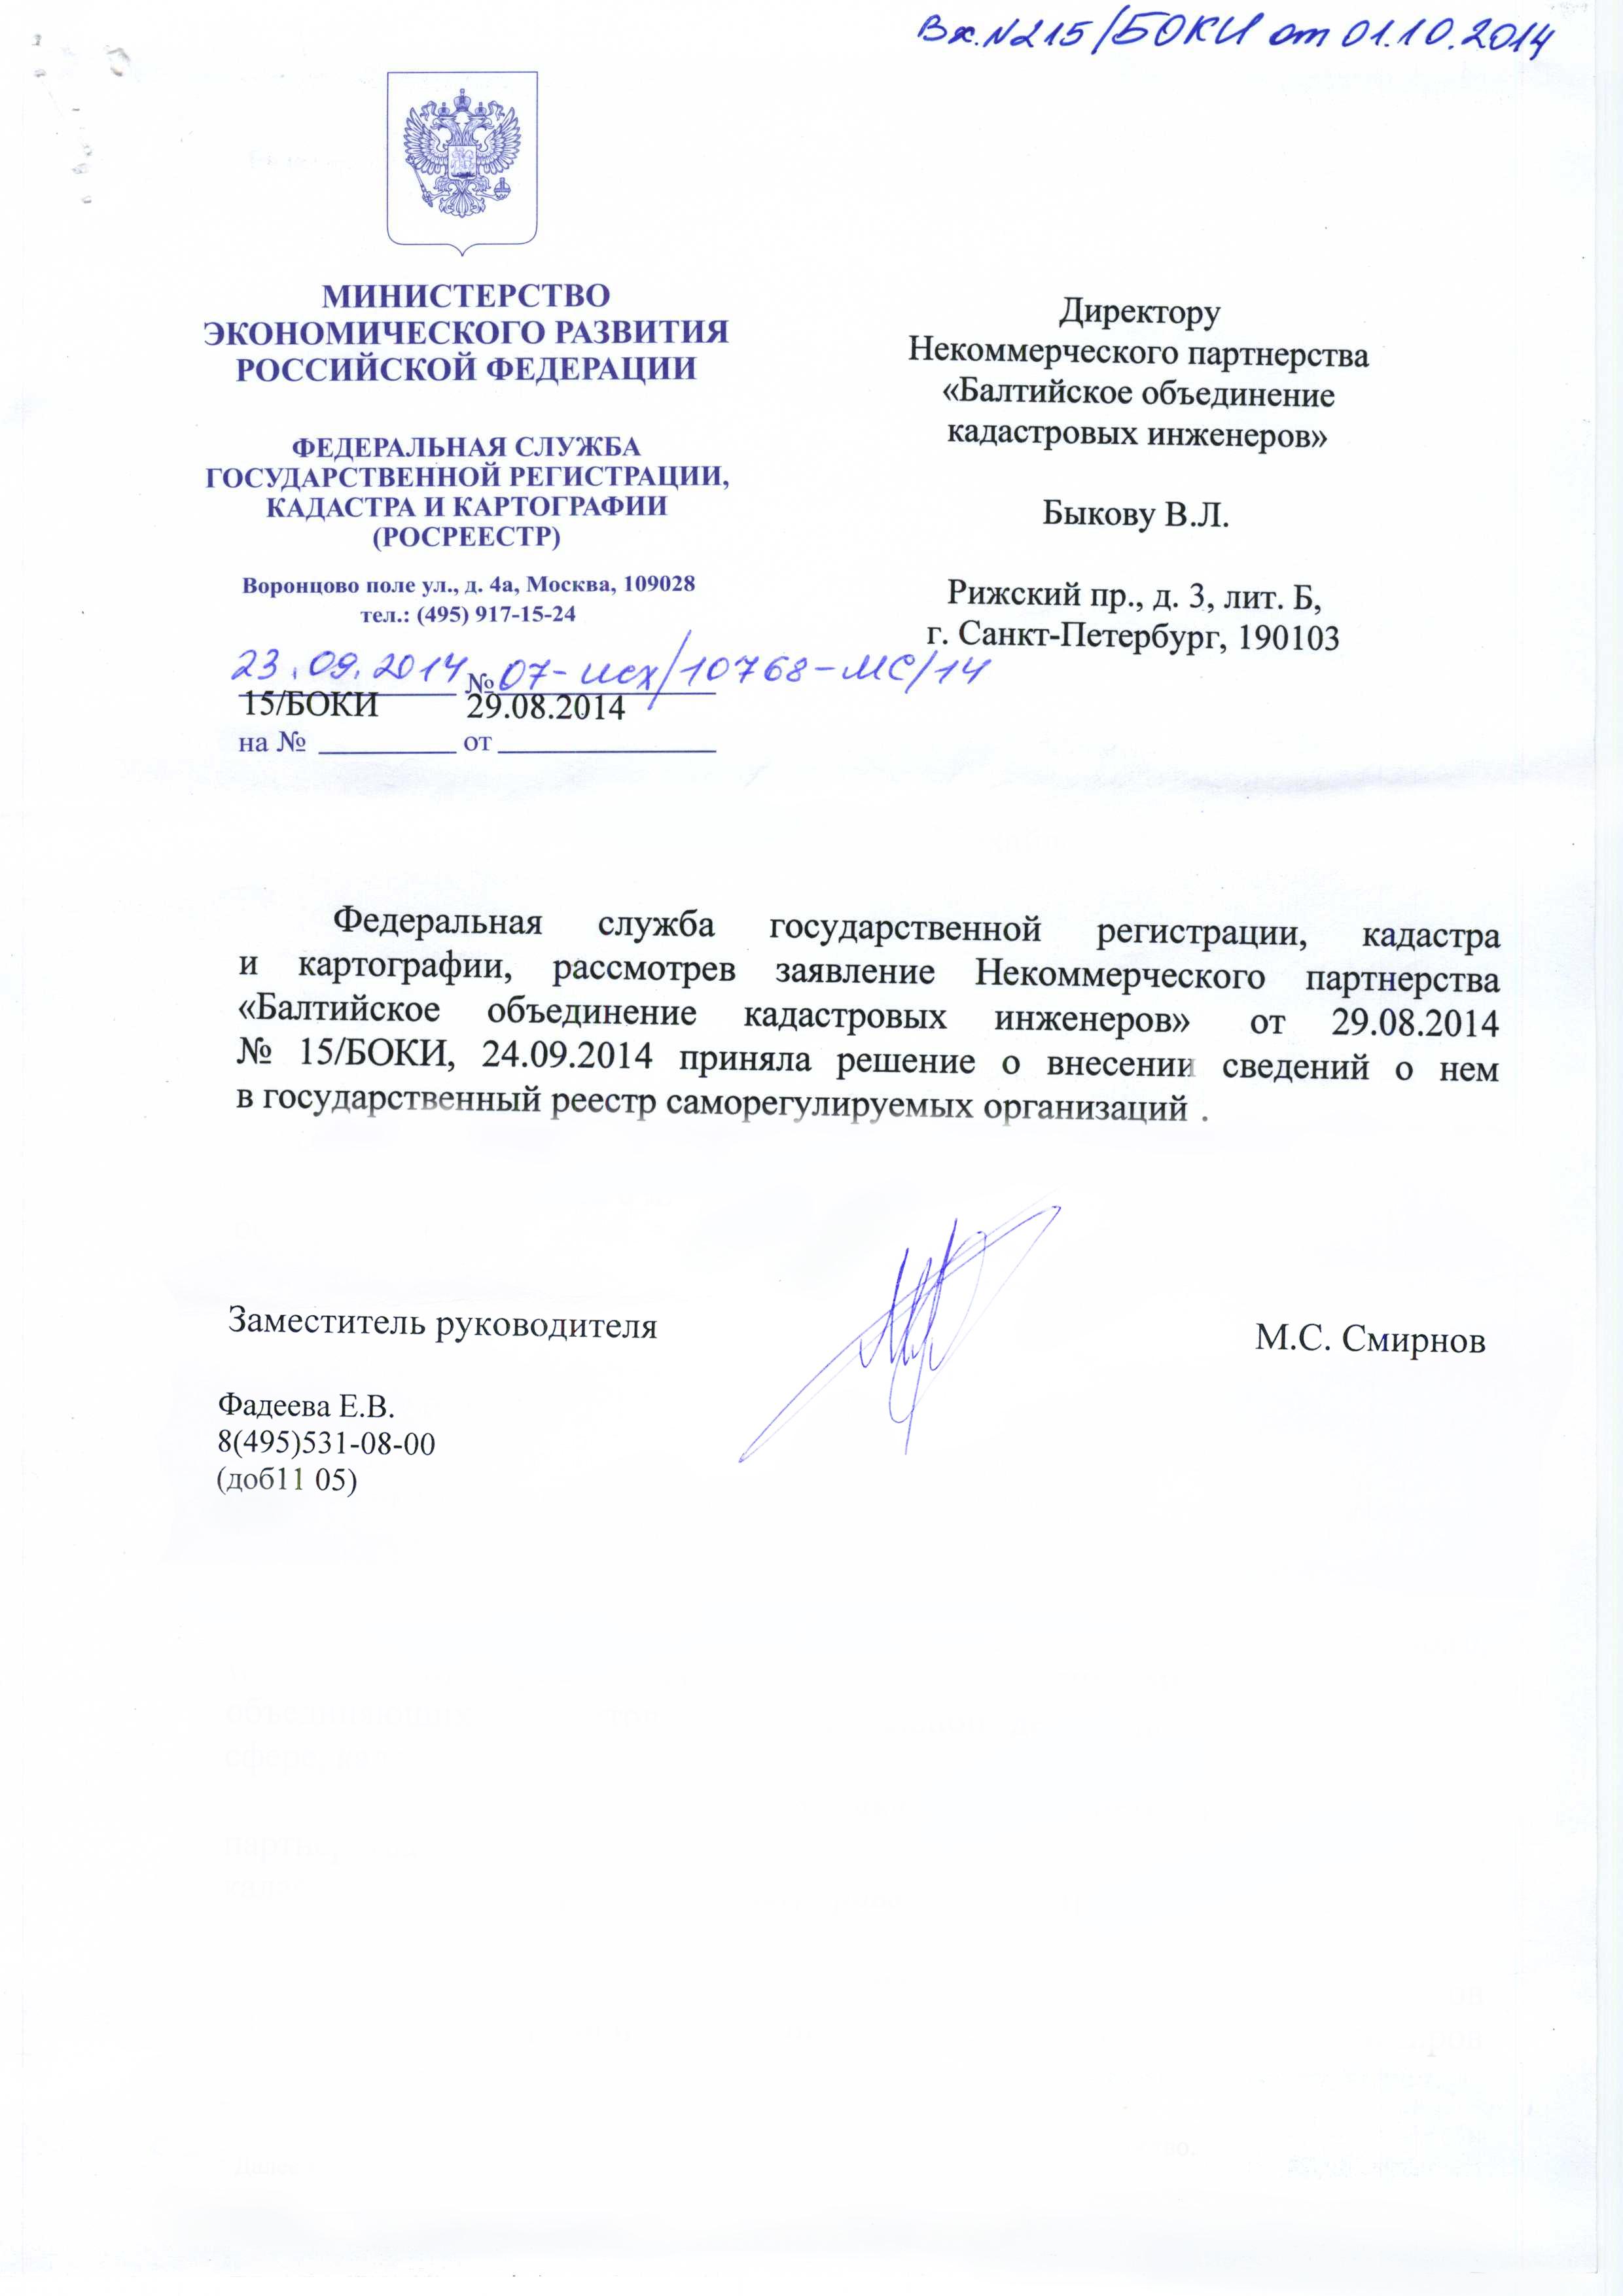 Как получить больничный лист без прописки в Москве Марфино